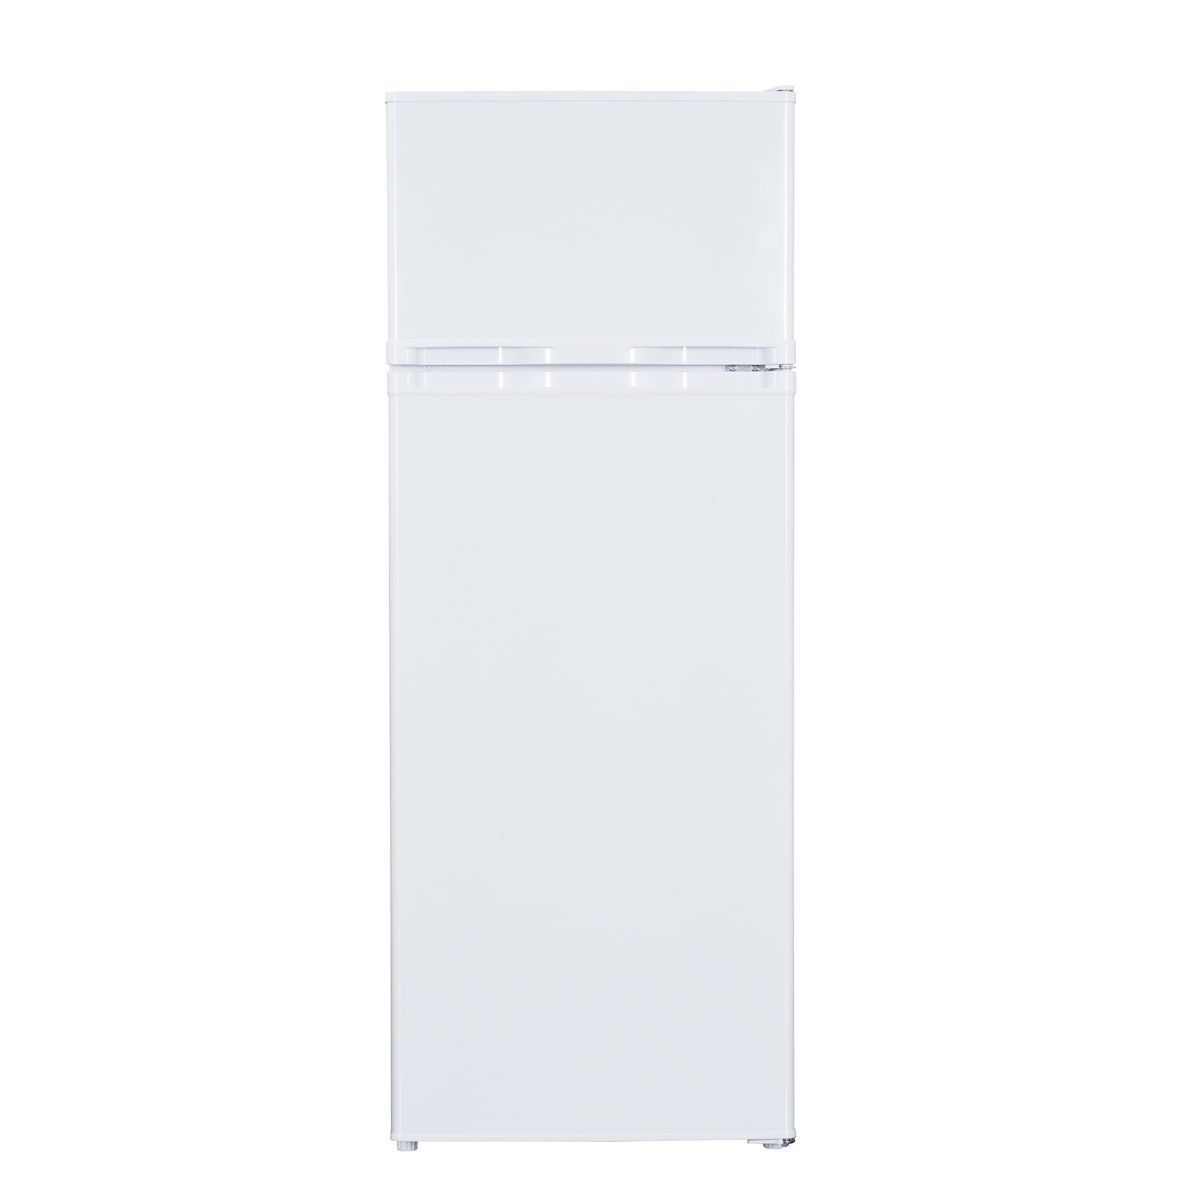 Réfrigérateur 2 portes 600081548, 206 L, Froid statique